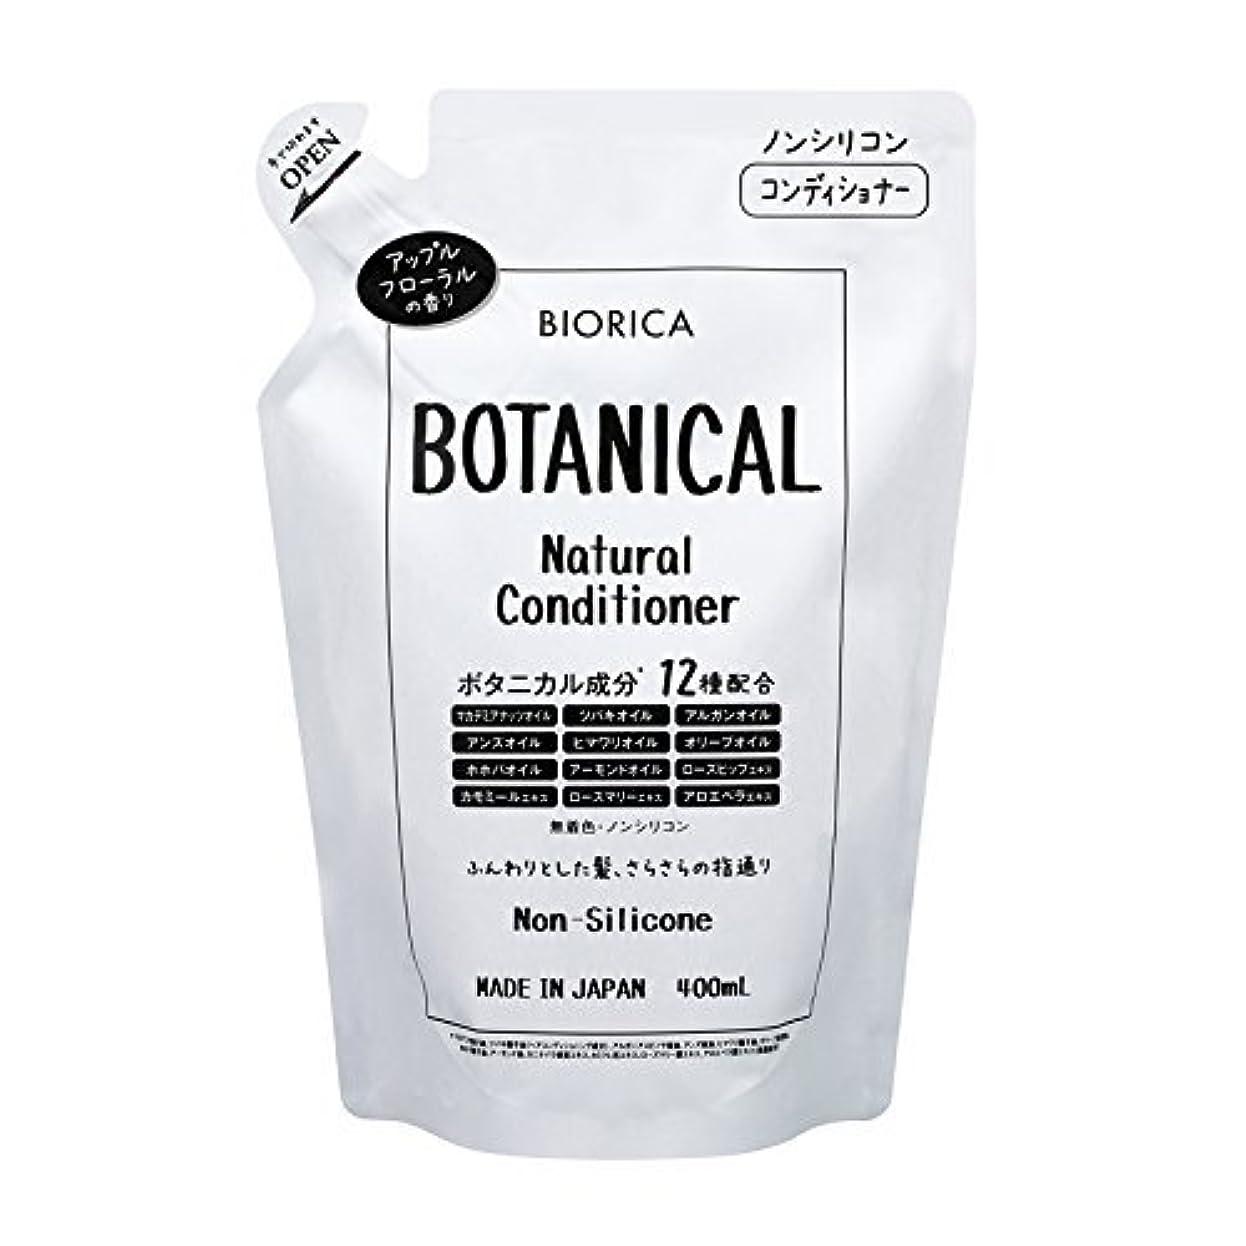 拍手する比べる広大なBIORICA ビオリカ ボタニカル ノンシリコン コンディショナー 詰め替え アップルフローラルの香り 400ml 日本製